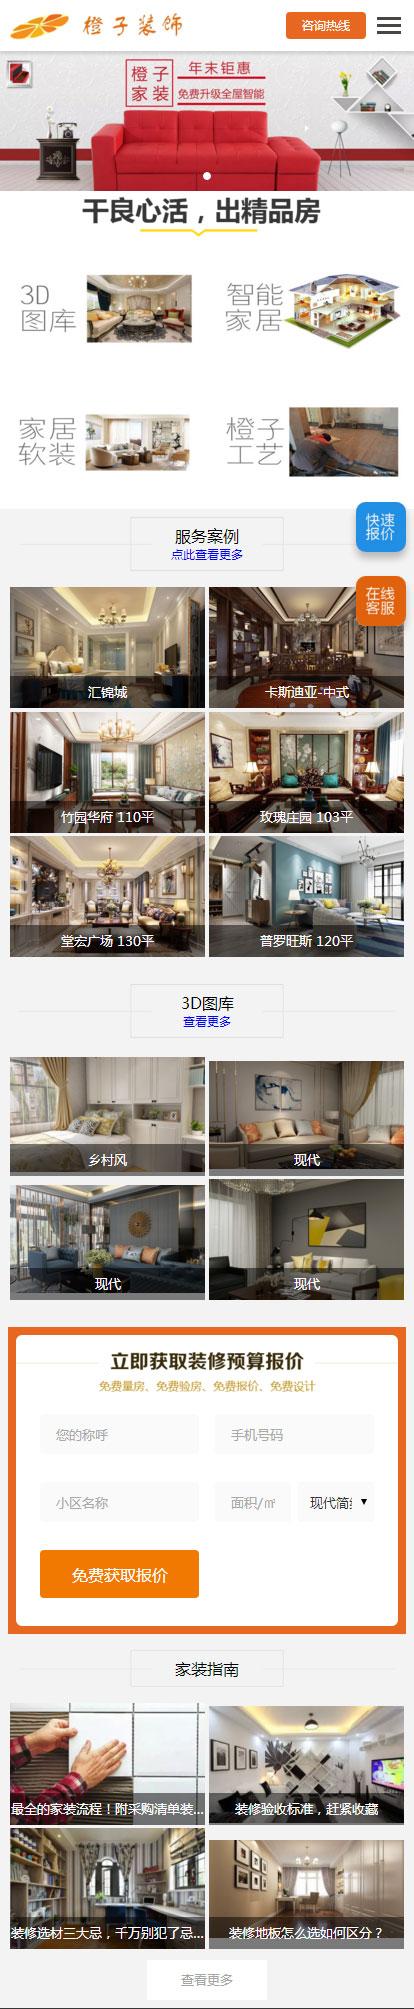 汉中企业营销网站建设案例:橙子家装网上线了